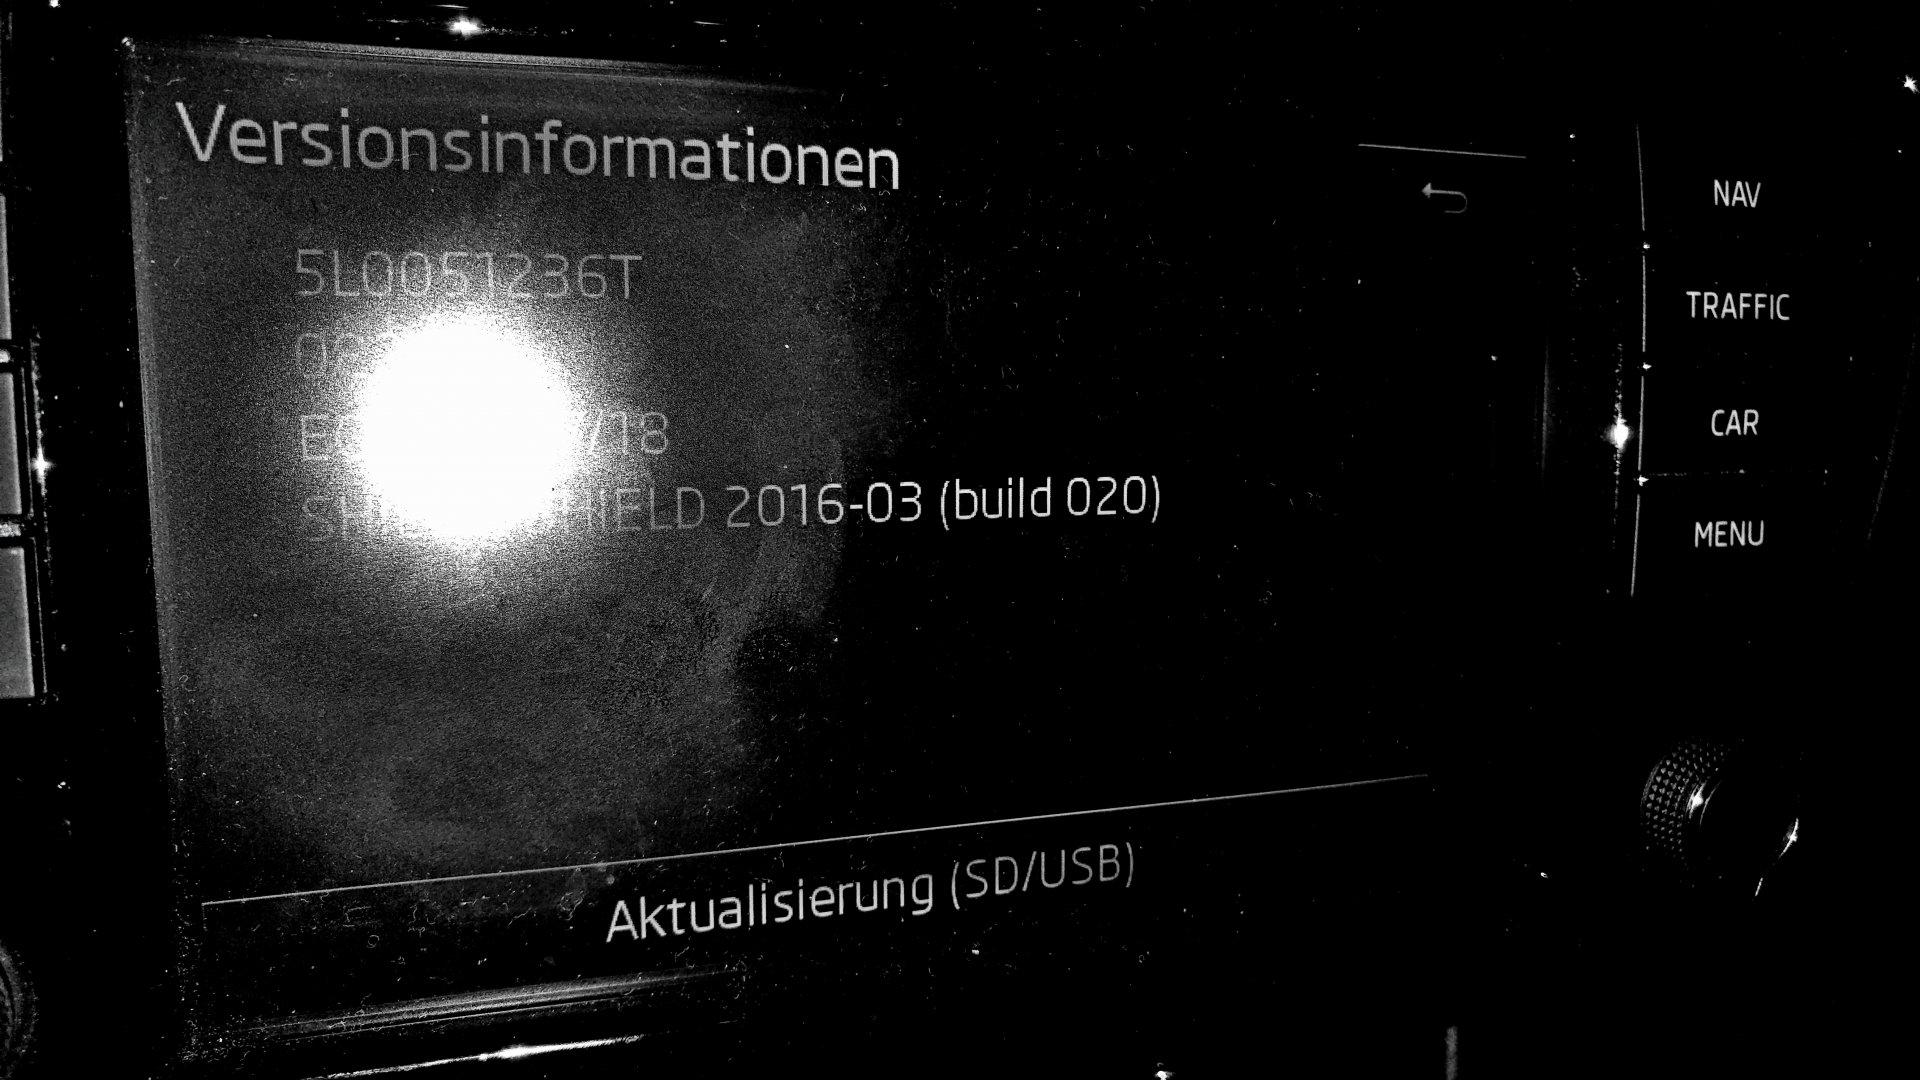 20181229_164708.jpg